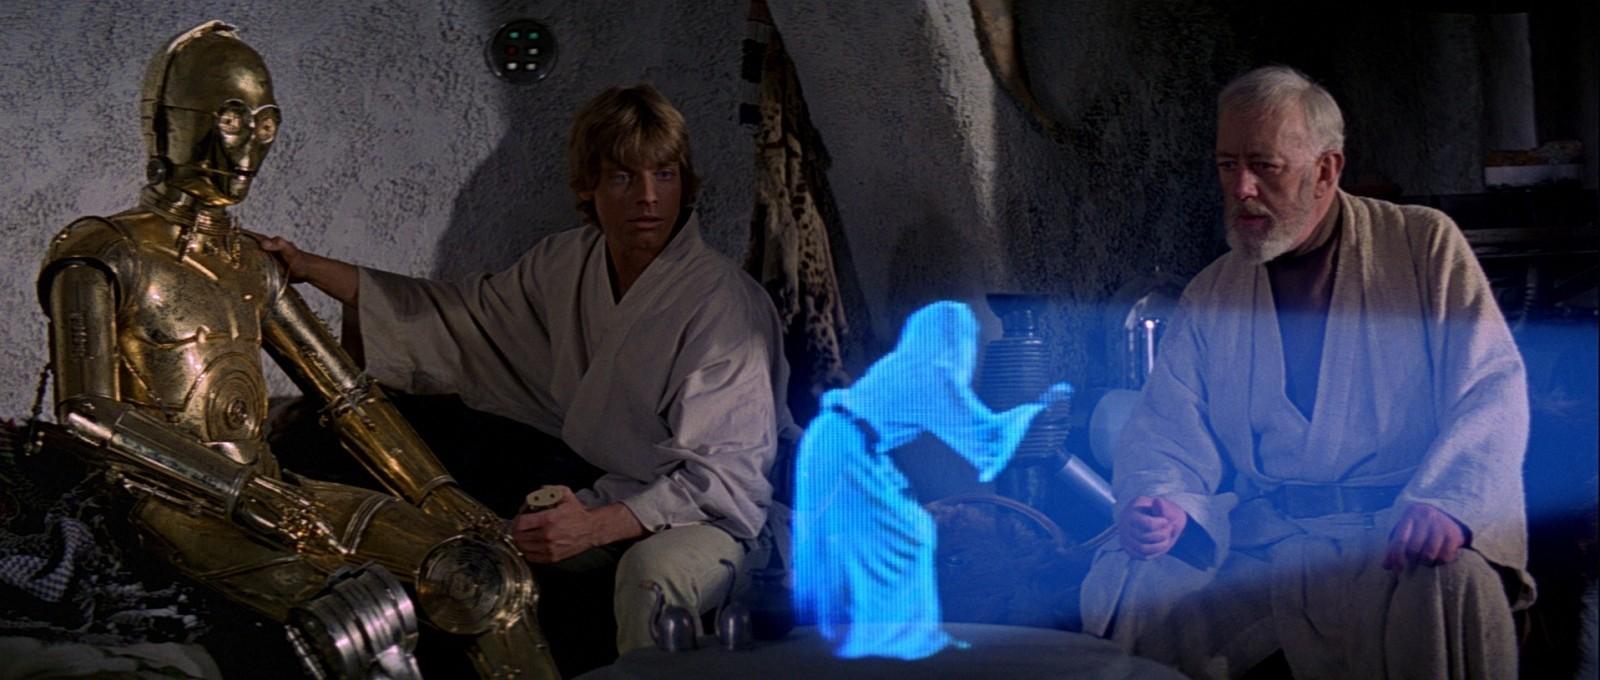 Hologramas como os de Star Wars estão um passo mais próximo de se tornarem realidade (Foto: Reprodução)